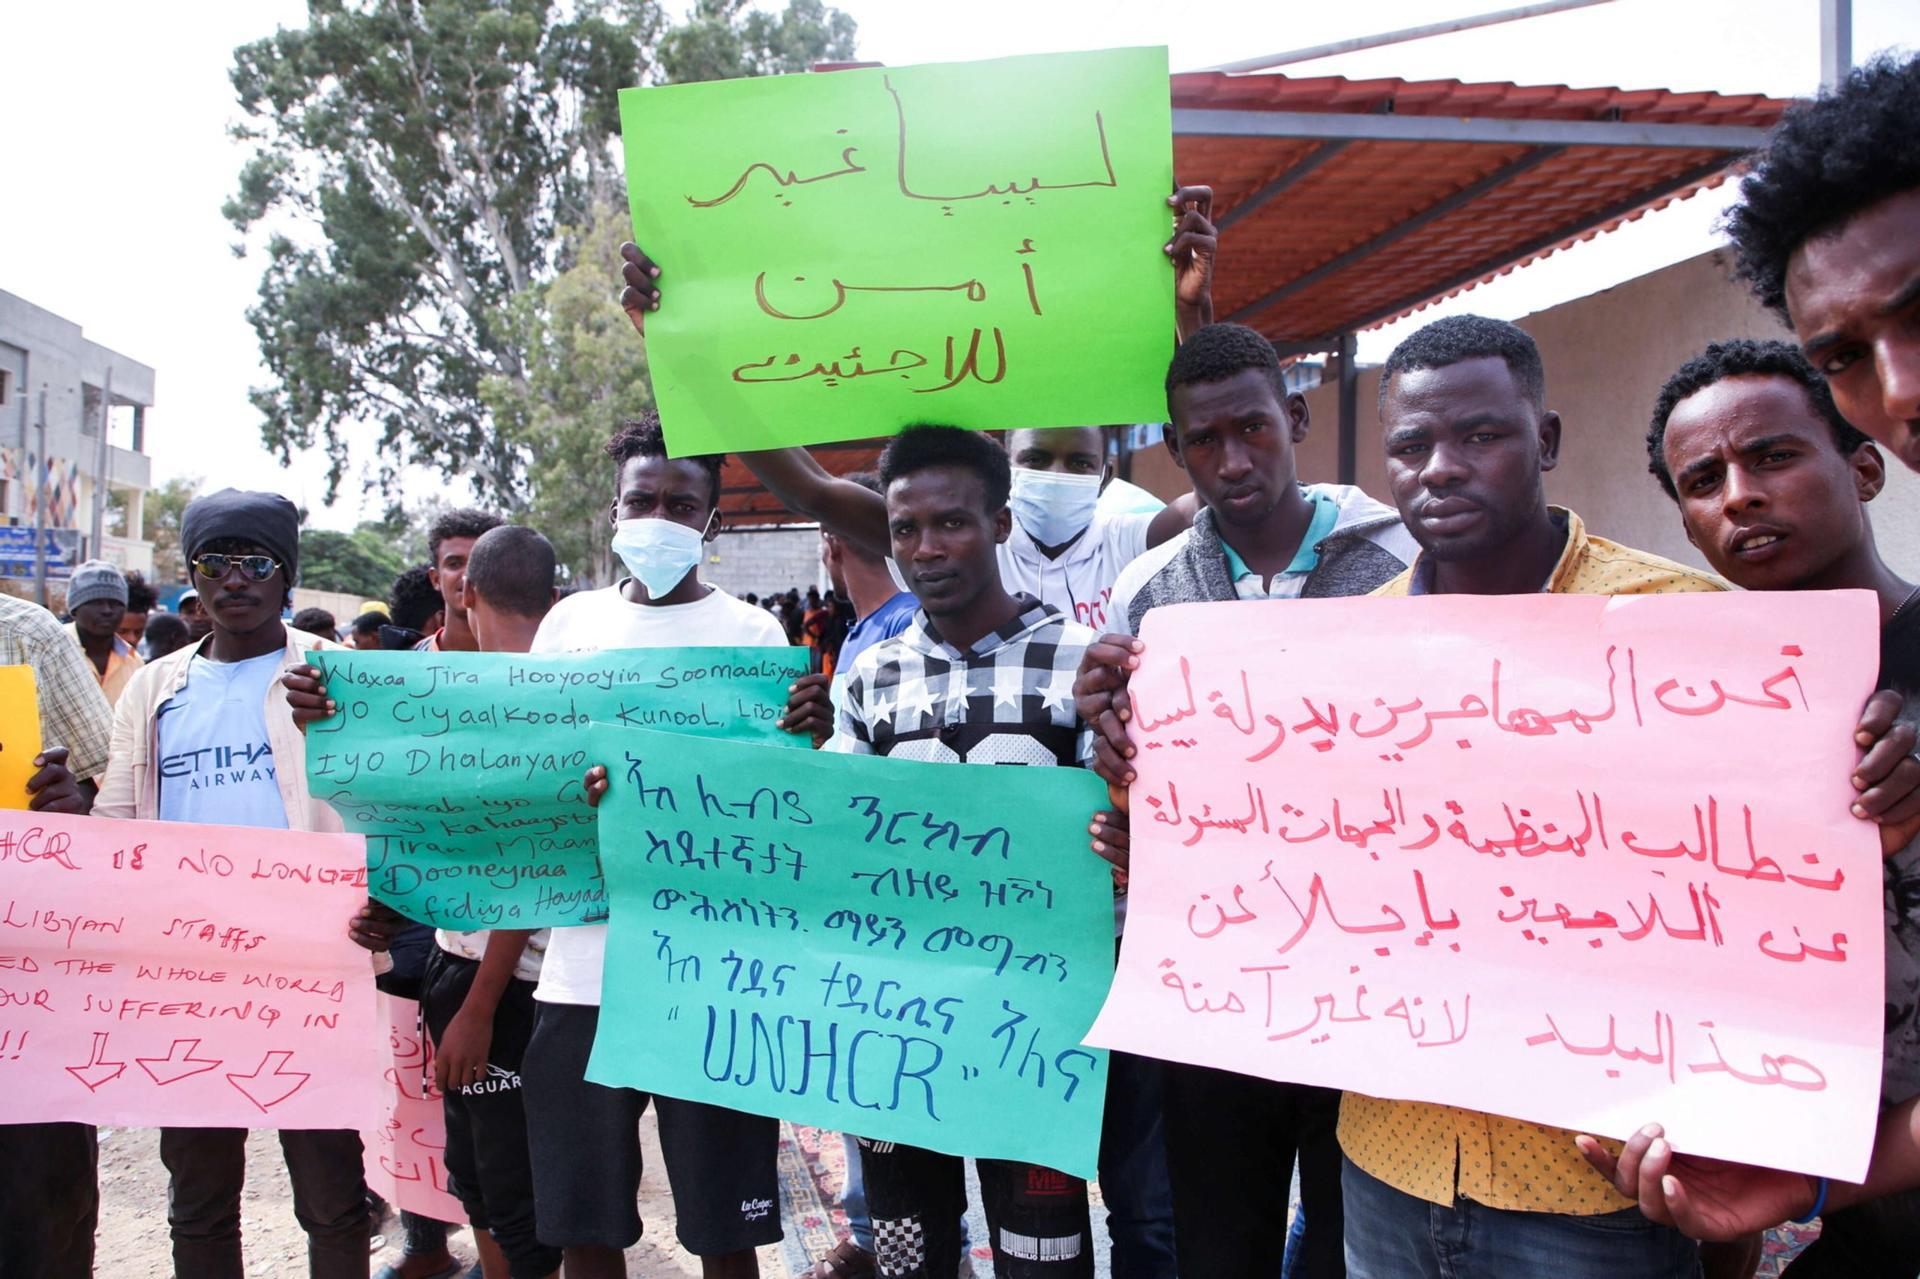 وزارة الداخلية الليبية تكشف ملابسات هروب مئات المهاجرين في طرابلس